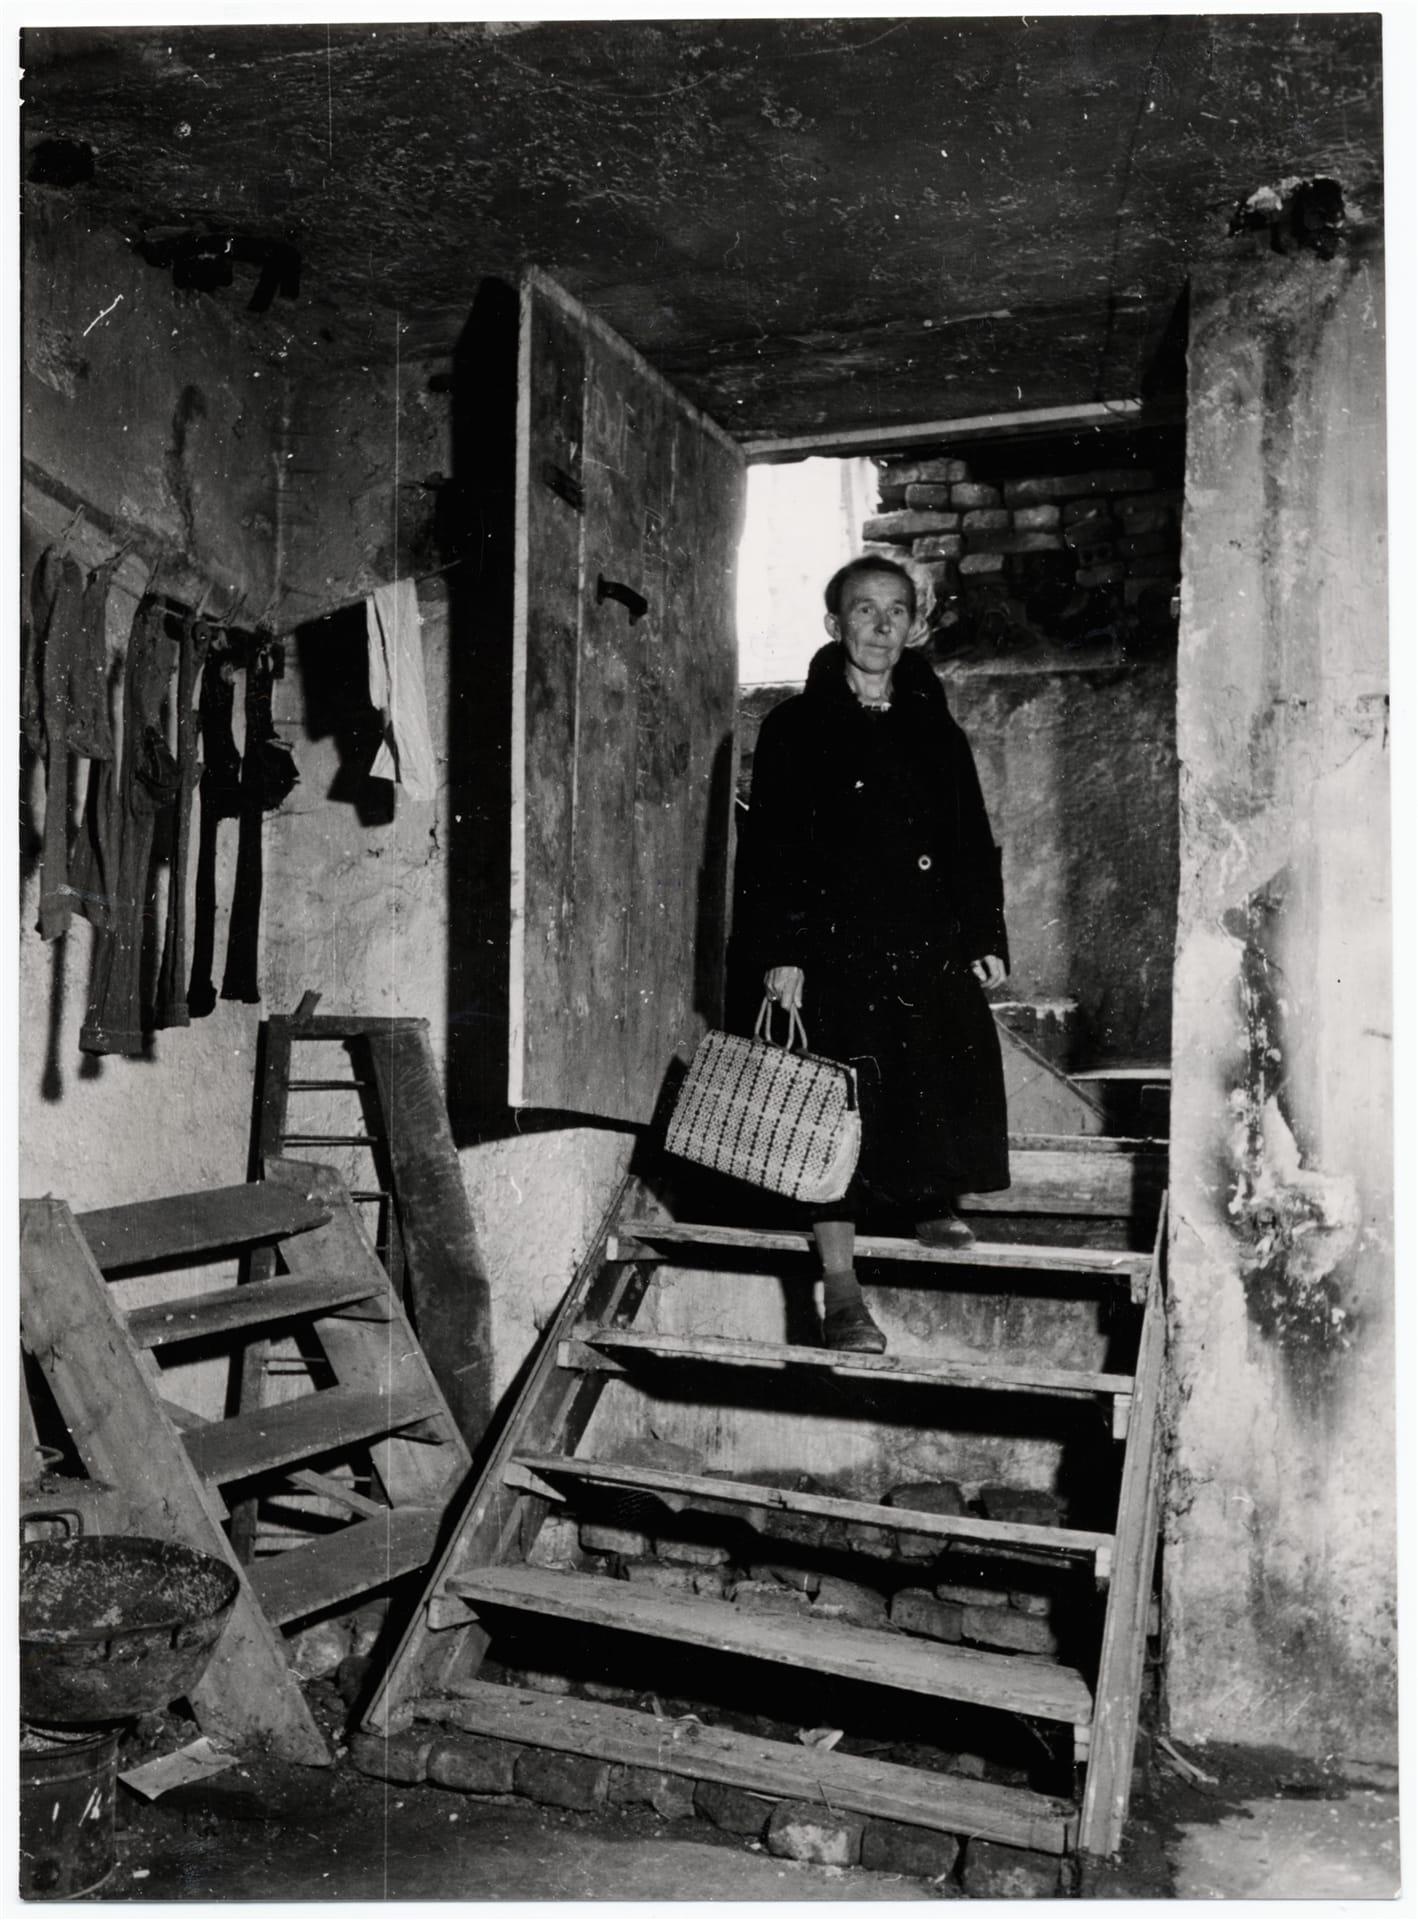 Беженка вернулась домой в Мюнхен, 1946.  Источник: МККК, фотограф — Вальтер Брунне